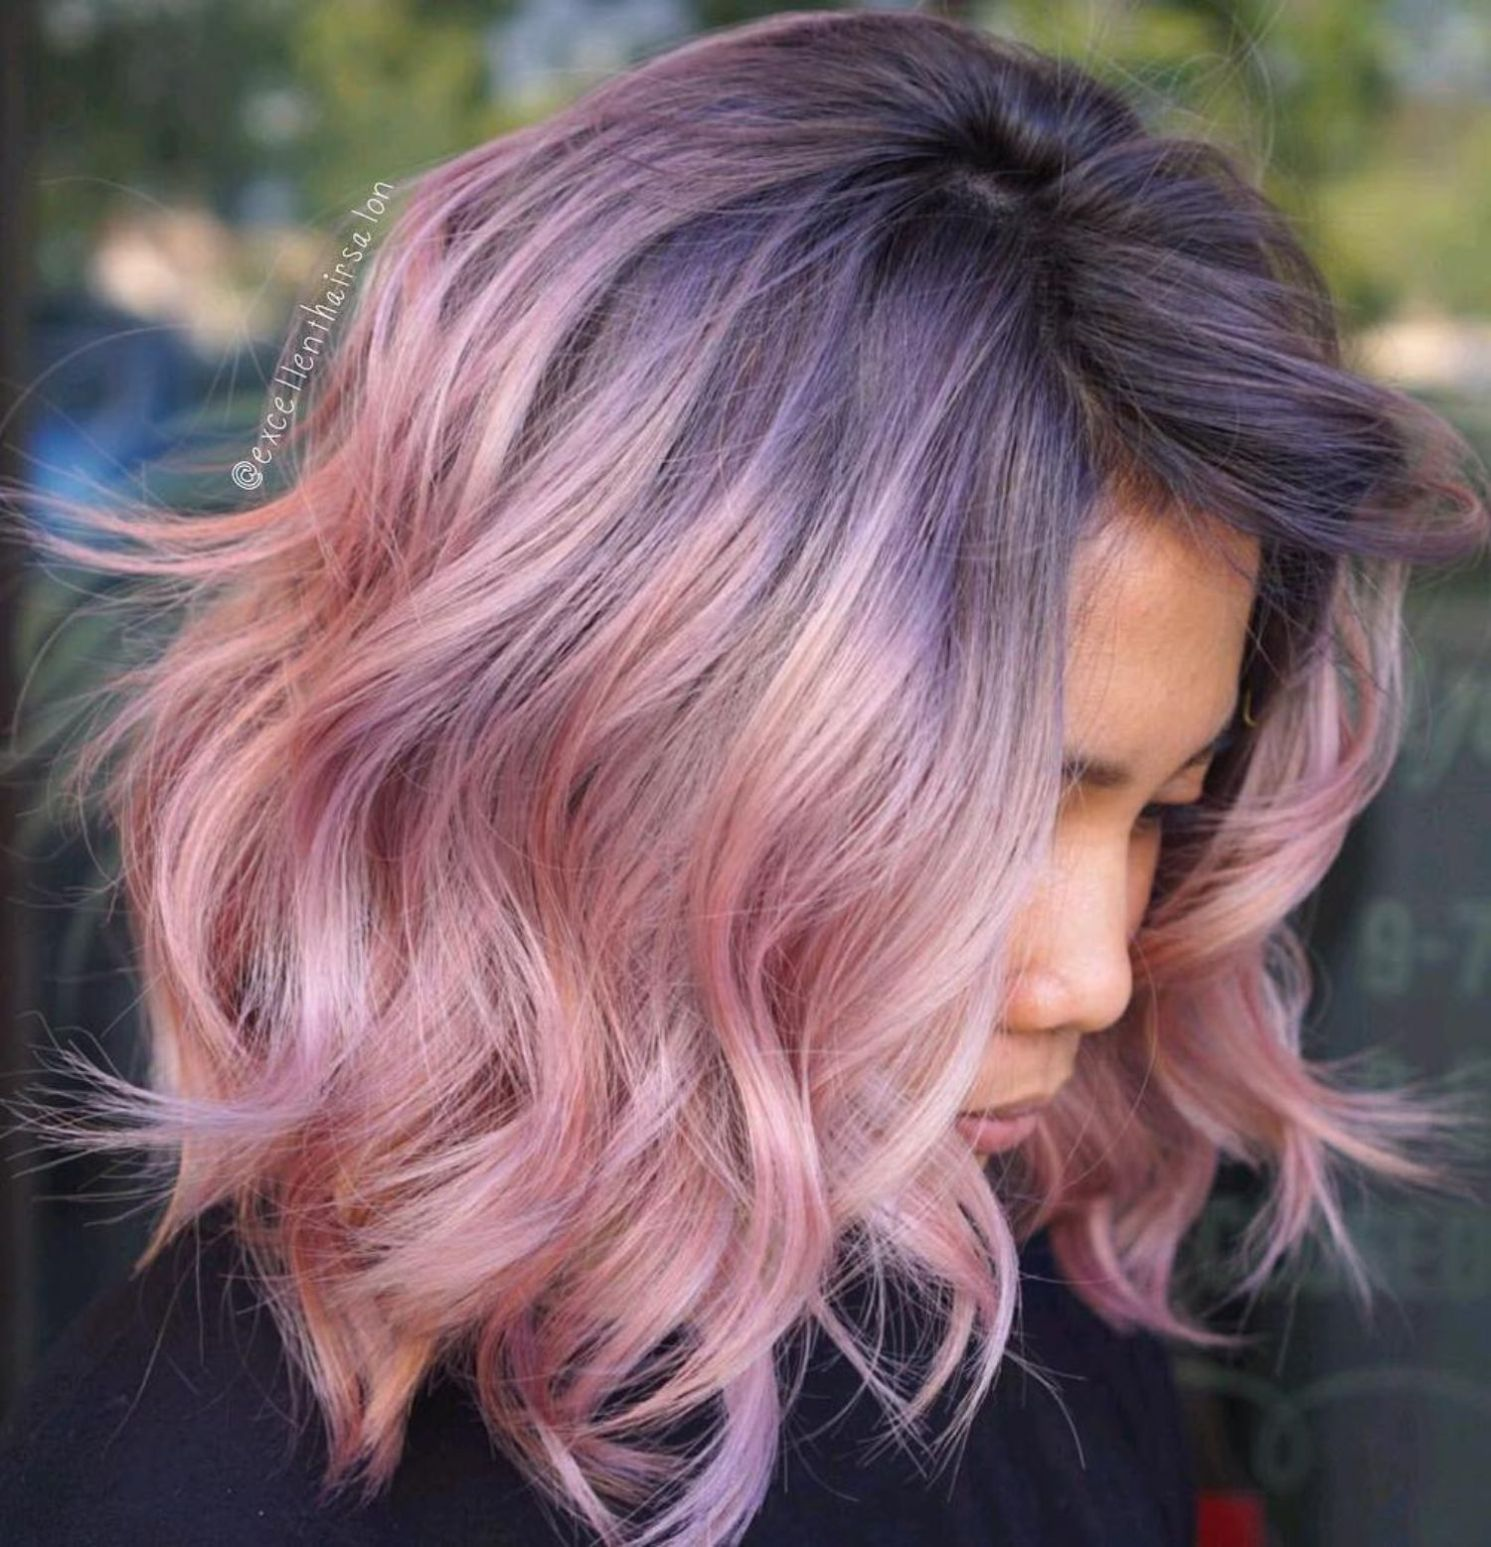 Окрашивание волос 2020 фото 3